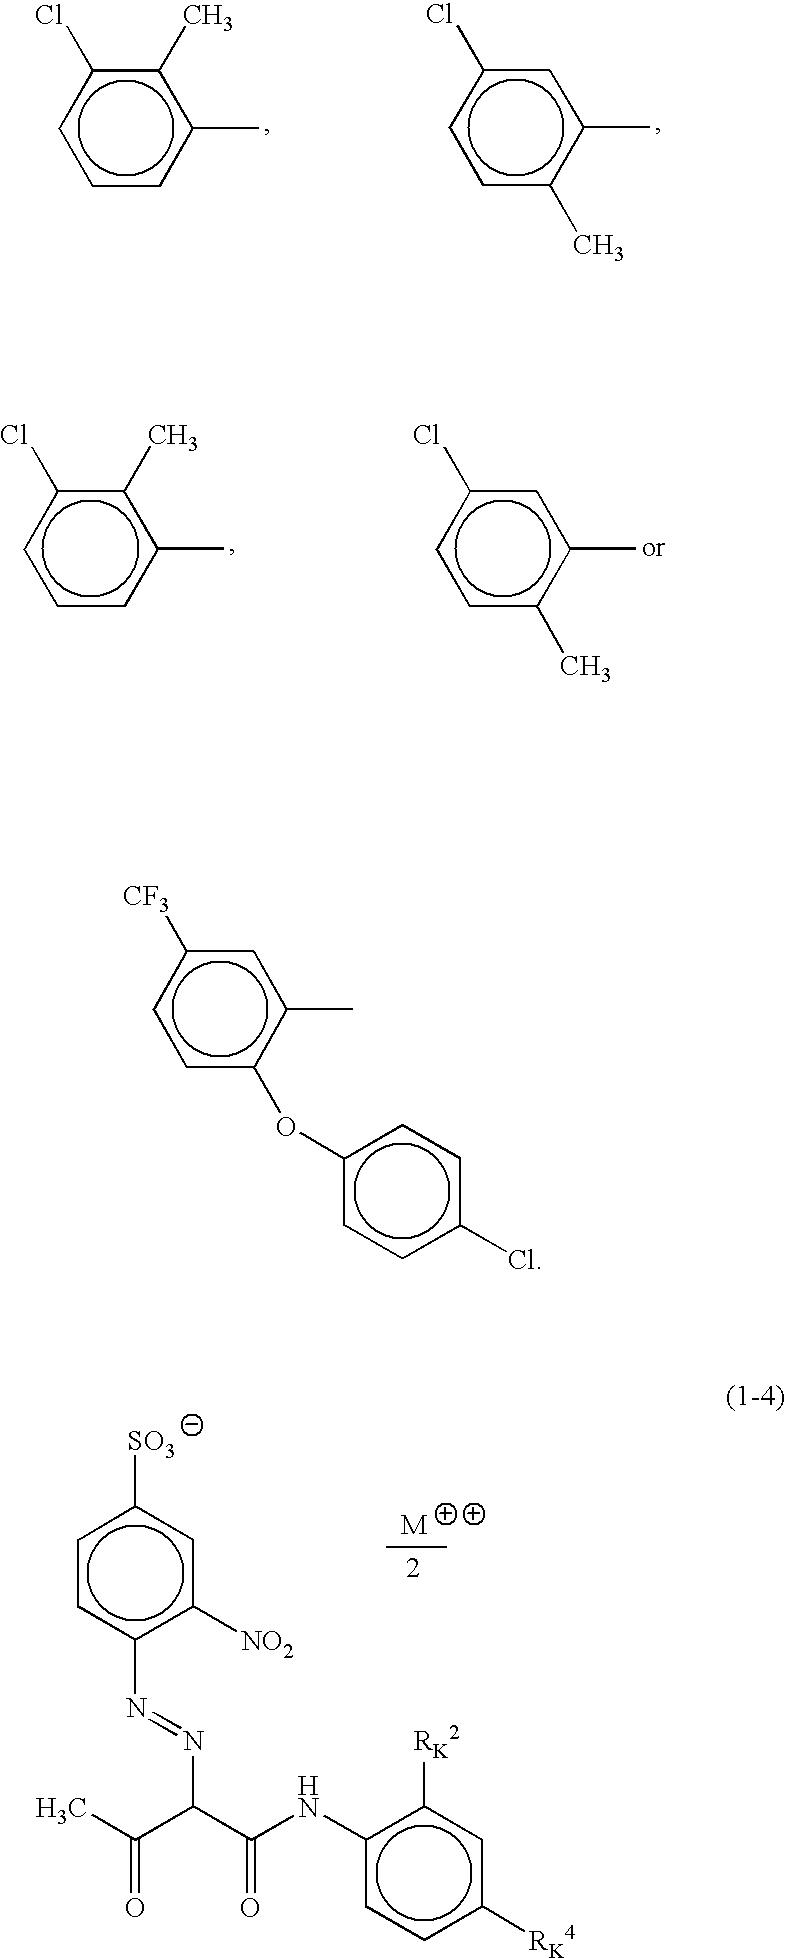 Figure US07229727-20070612-C00005